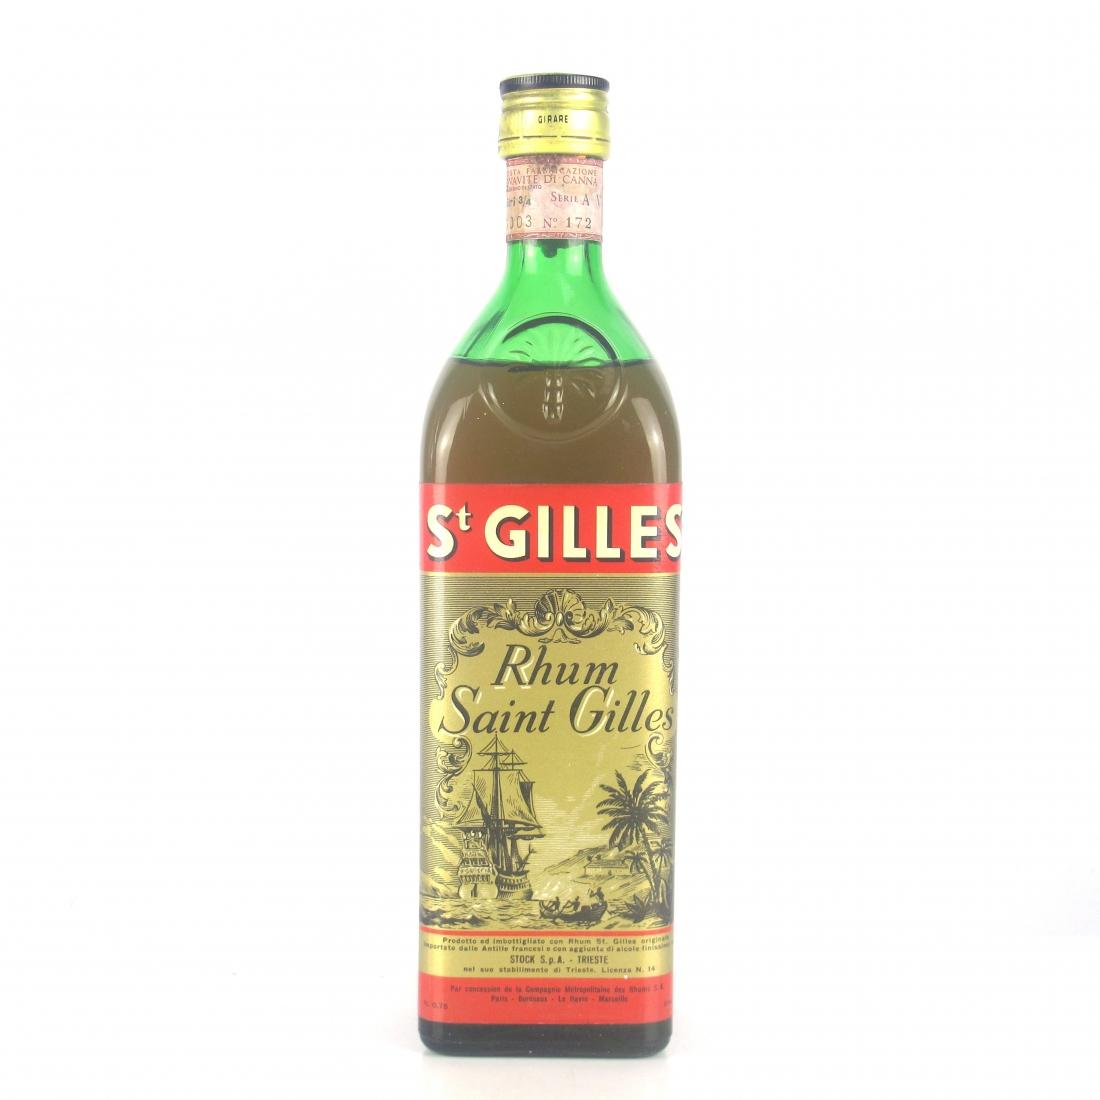 St Gilles Rhum 1960/70s